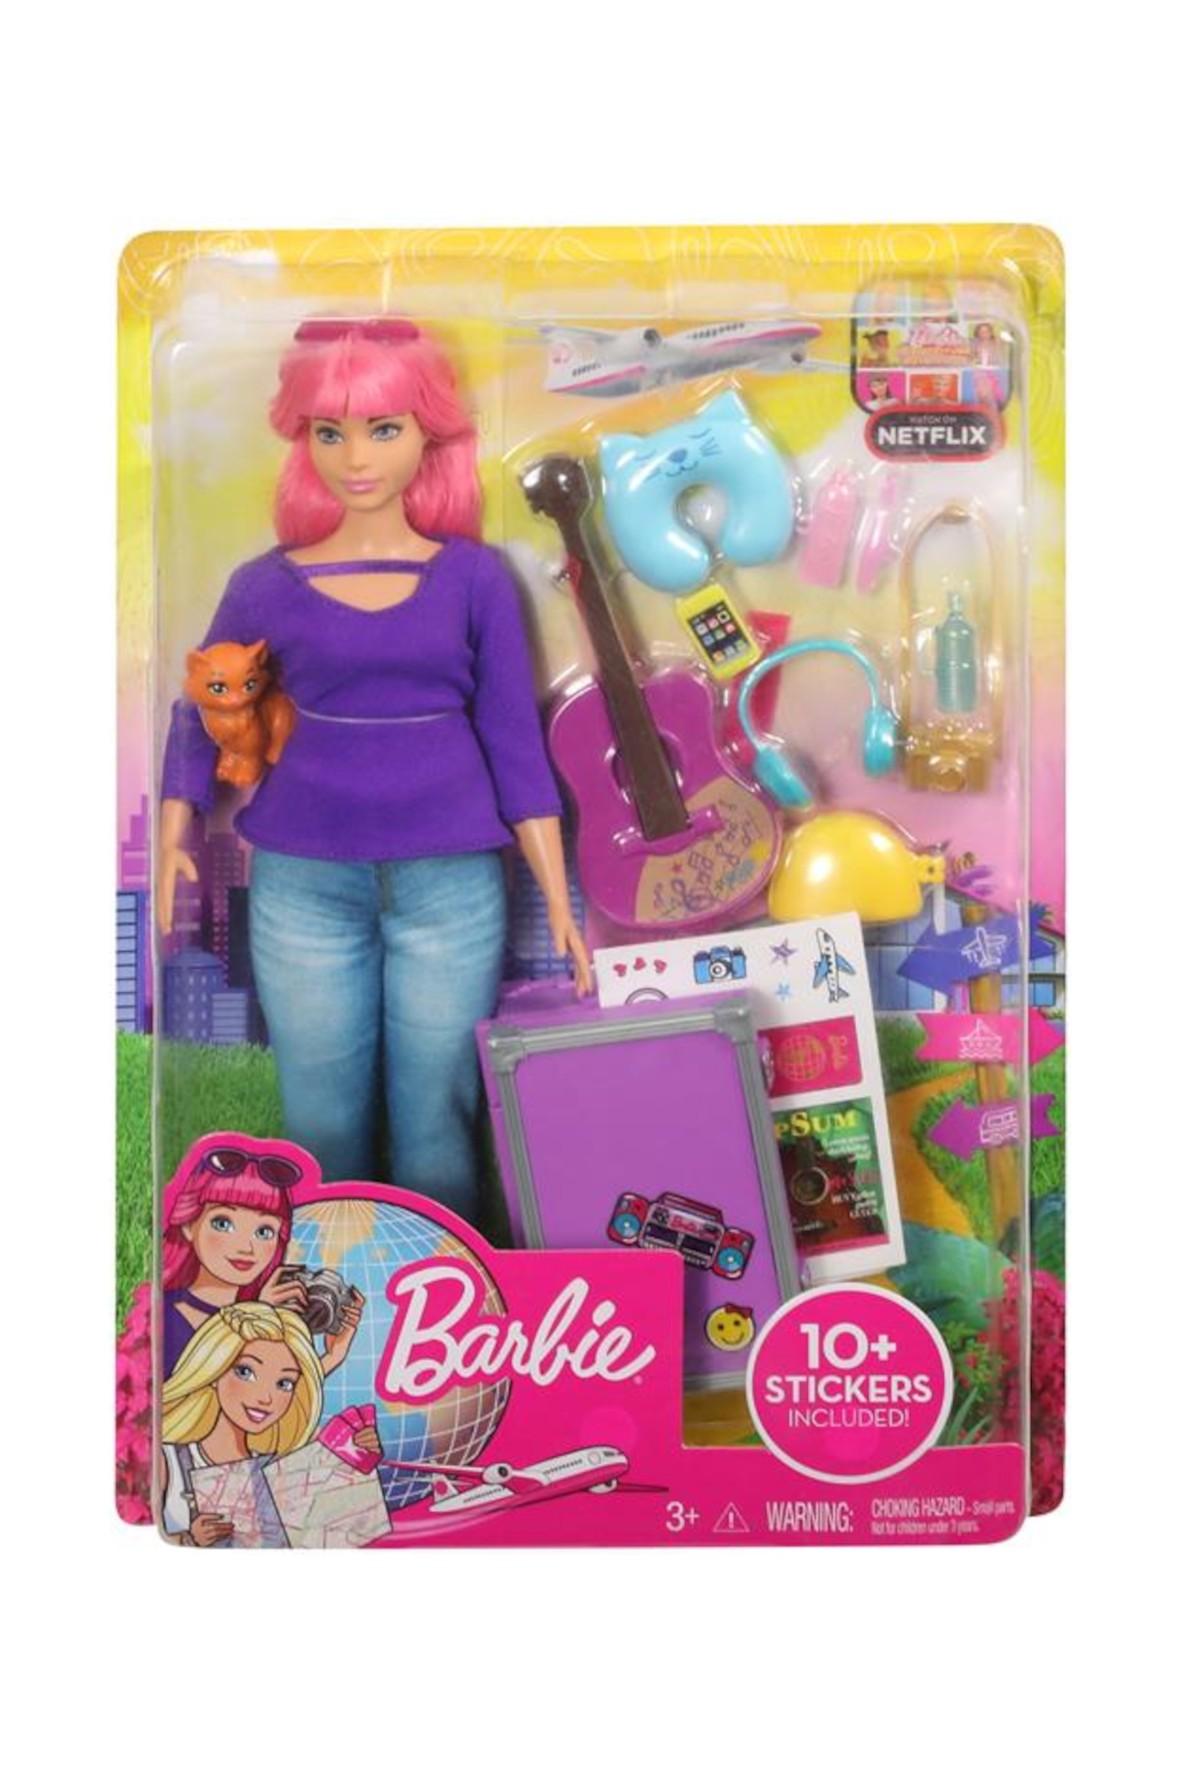 Barbie Dreamhouse Adventures - Lalka Daisy w podróży z kotkiem wiek 3+